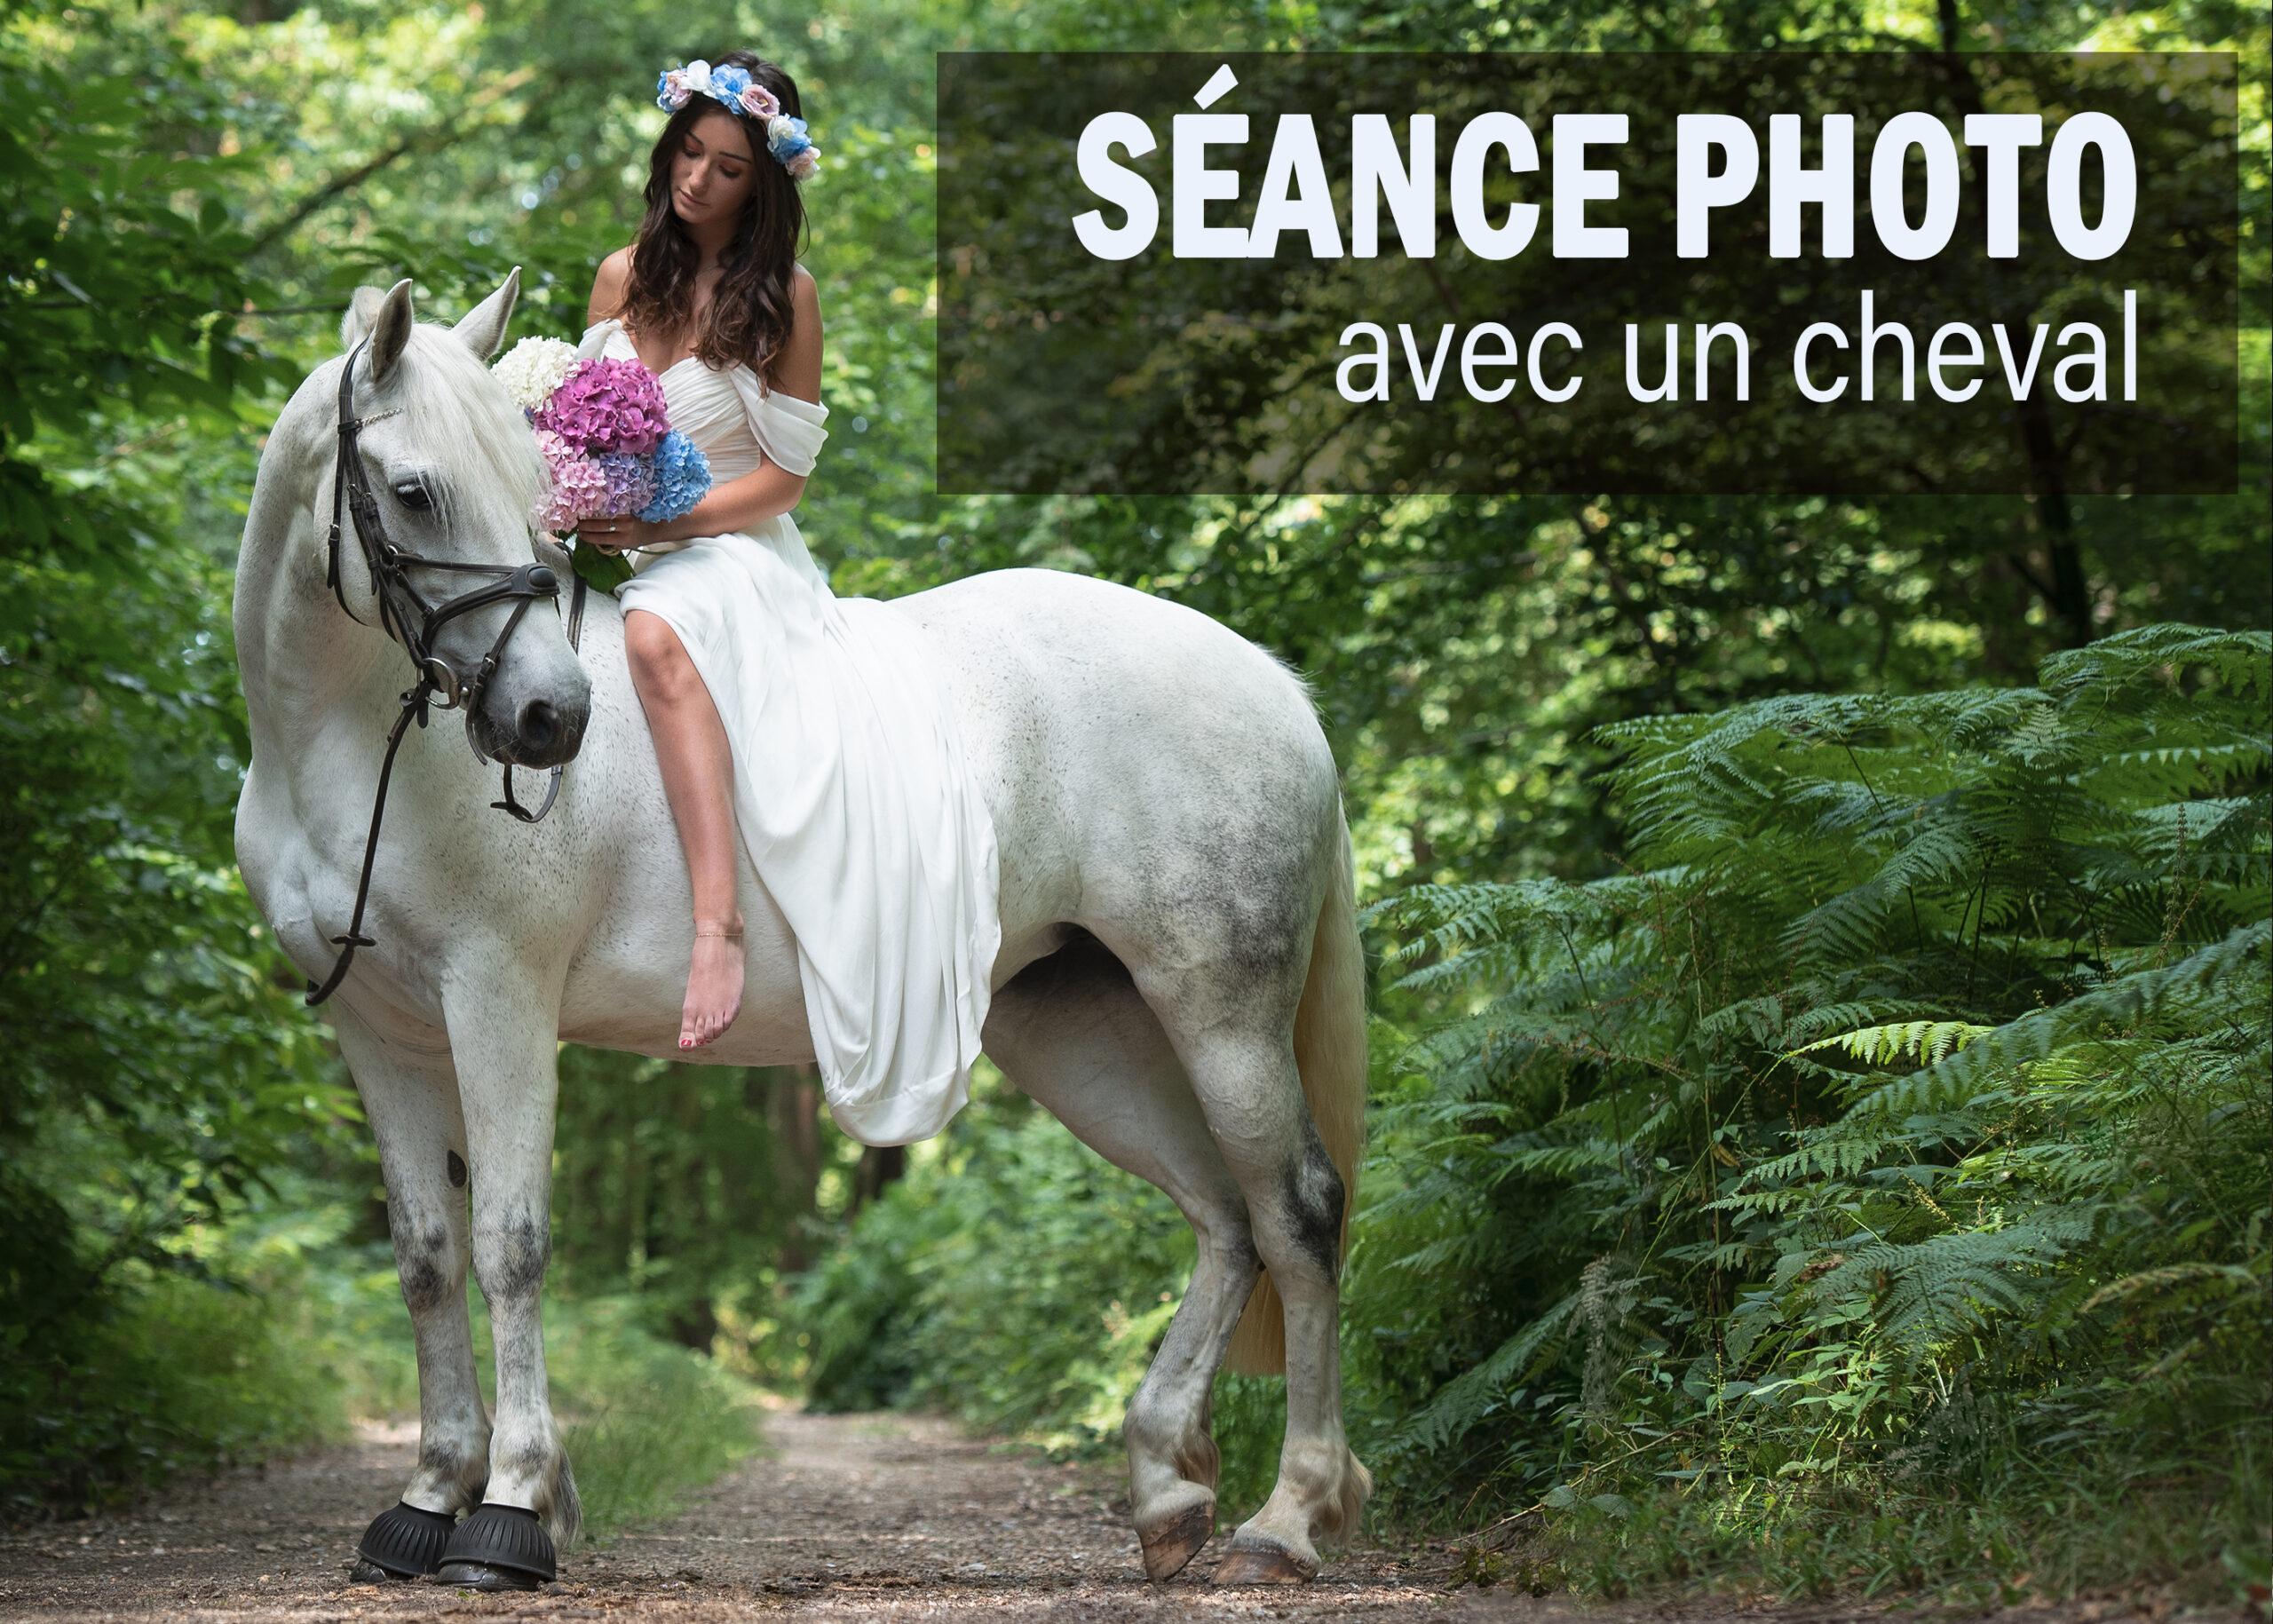 SÉANCE PHOTO AVEC UN CHEVAL !